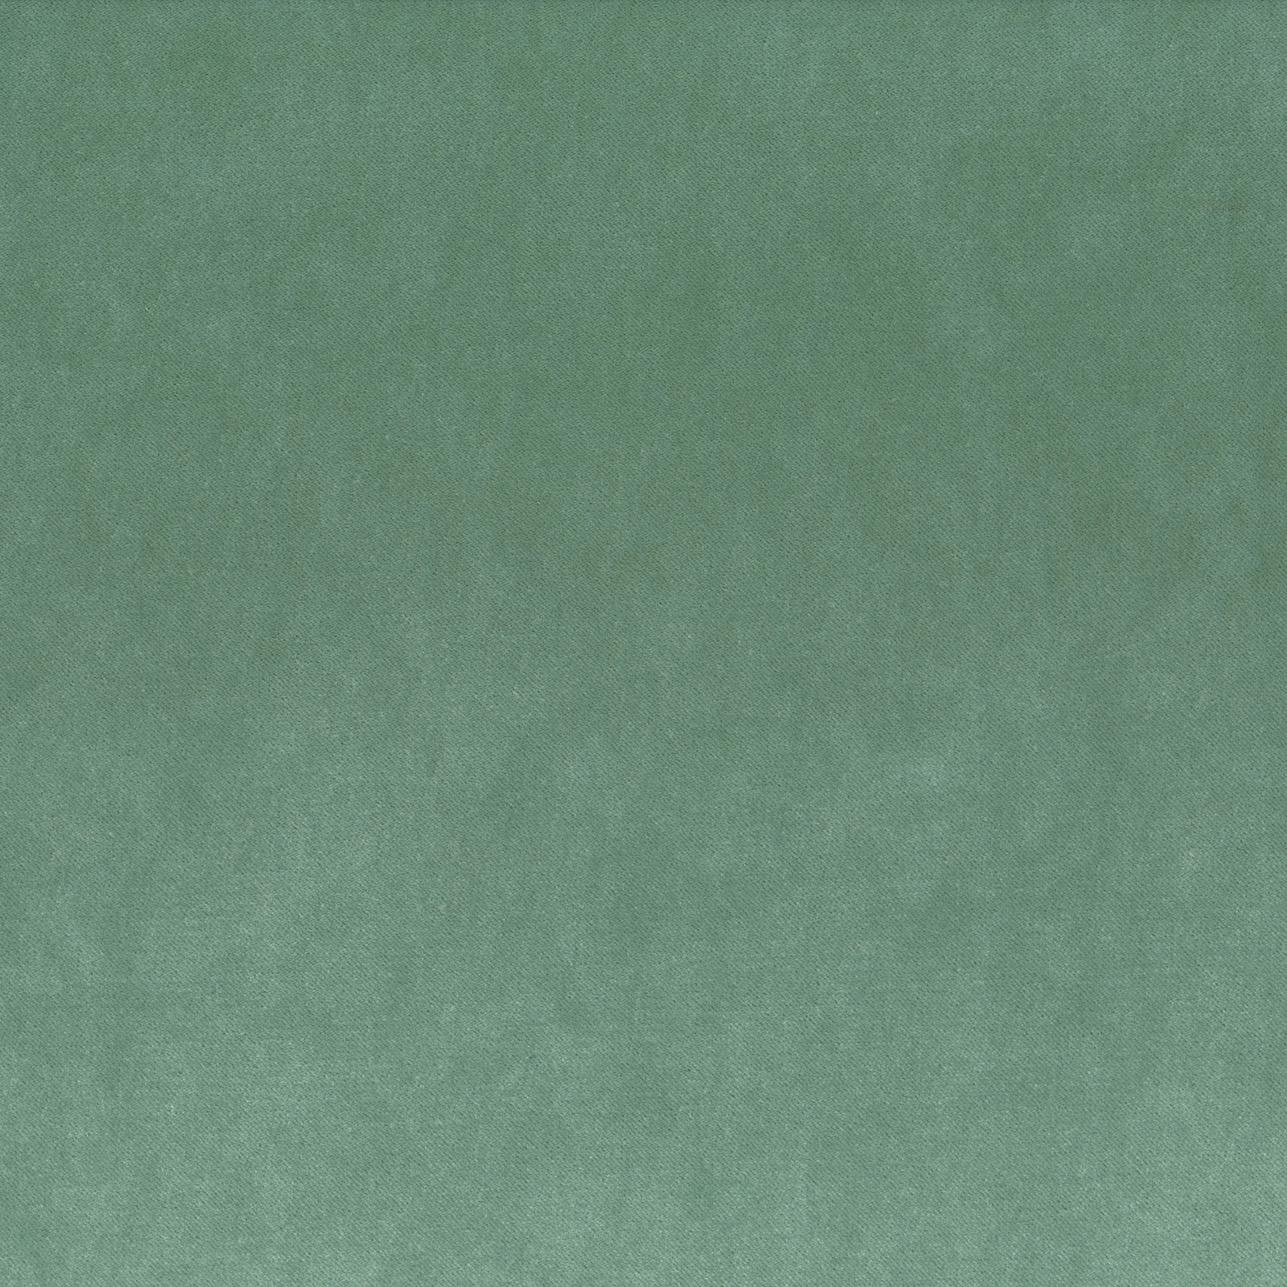 3 Classic velvet l turquoise